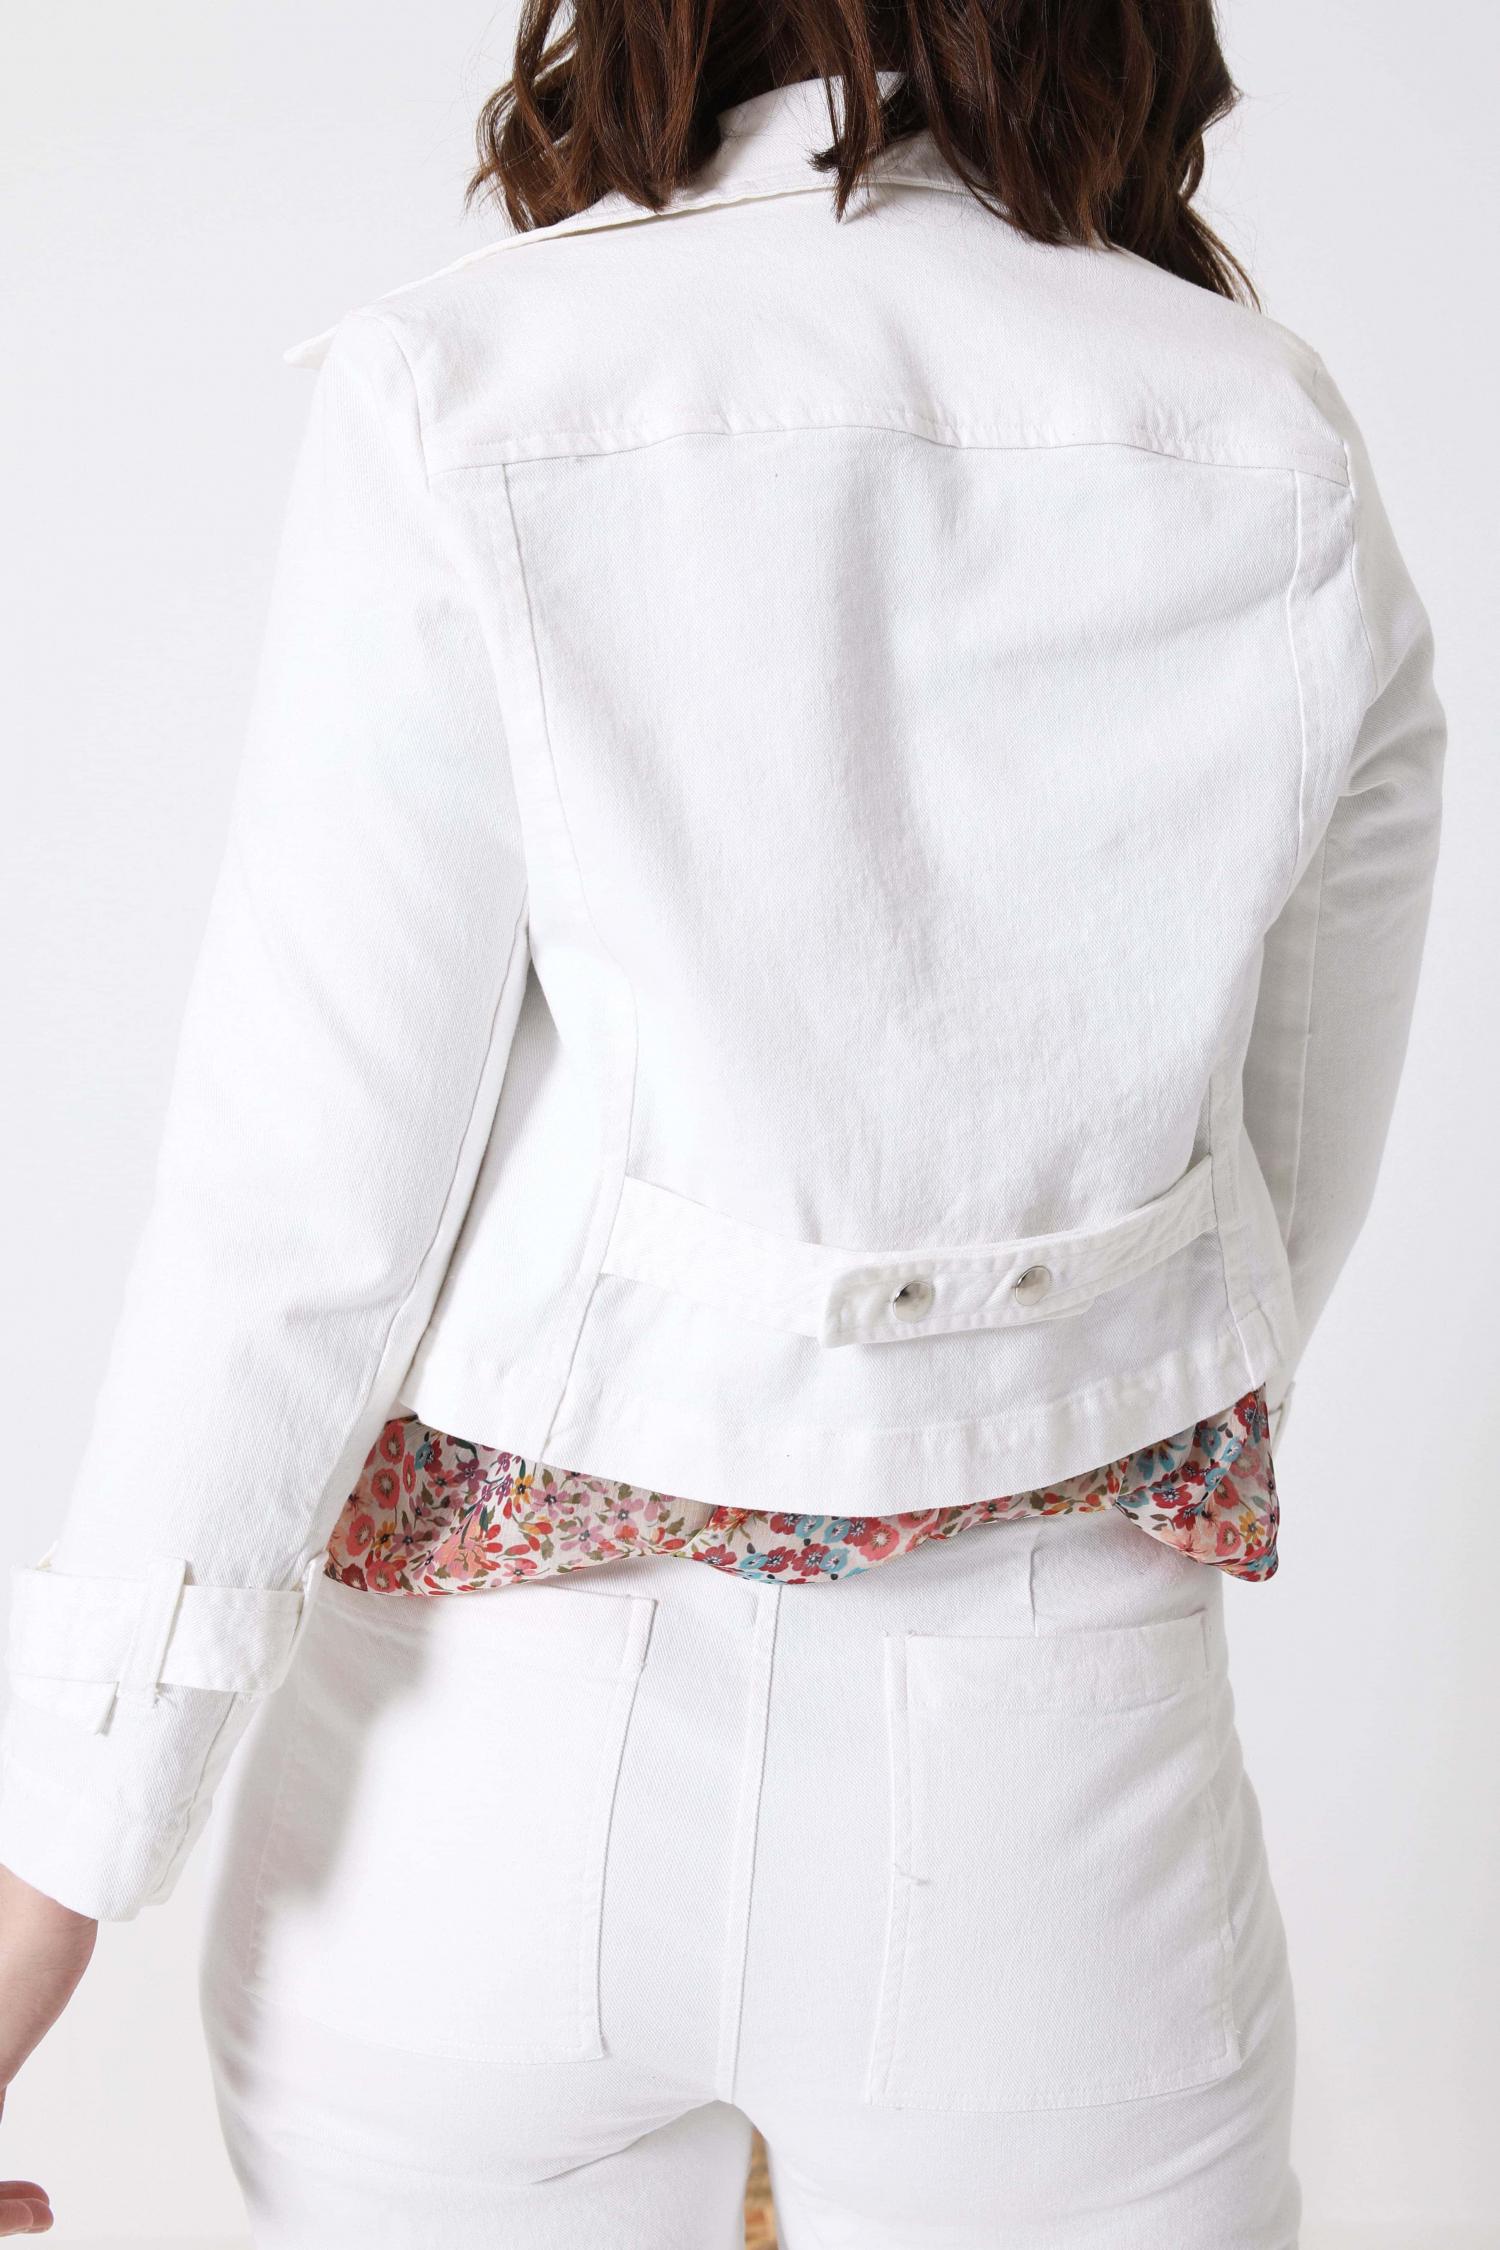 Biker style jacket in white jeans